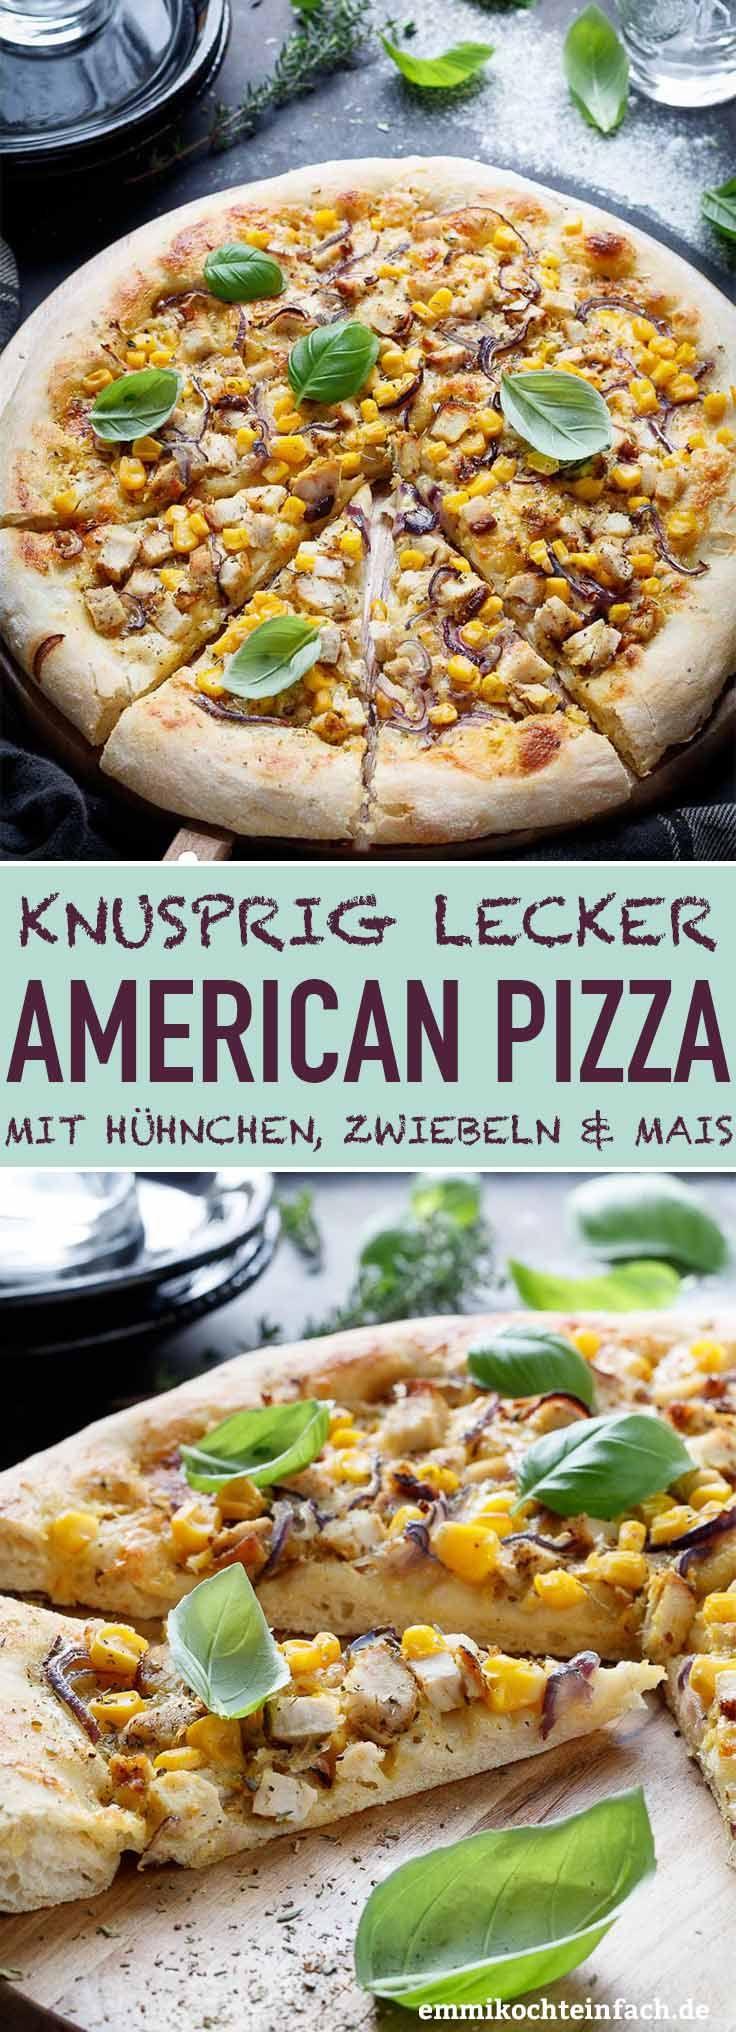 American Pizza mit Hühnchen, Zwiebeln und Mais – emmikochteinfach